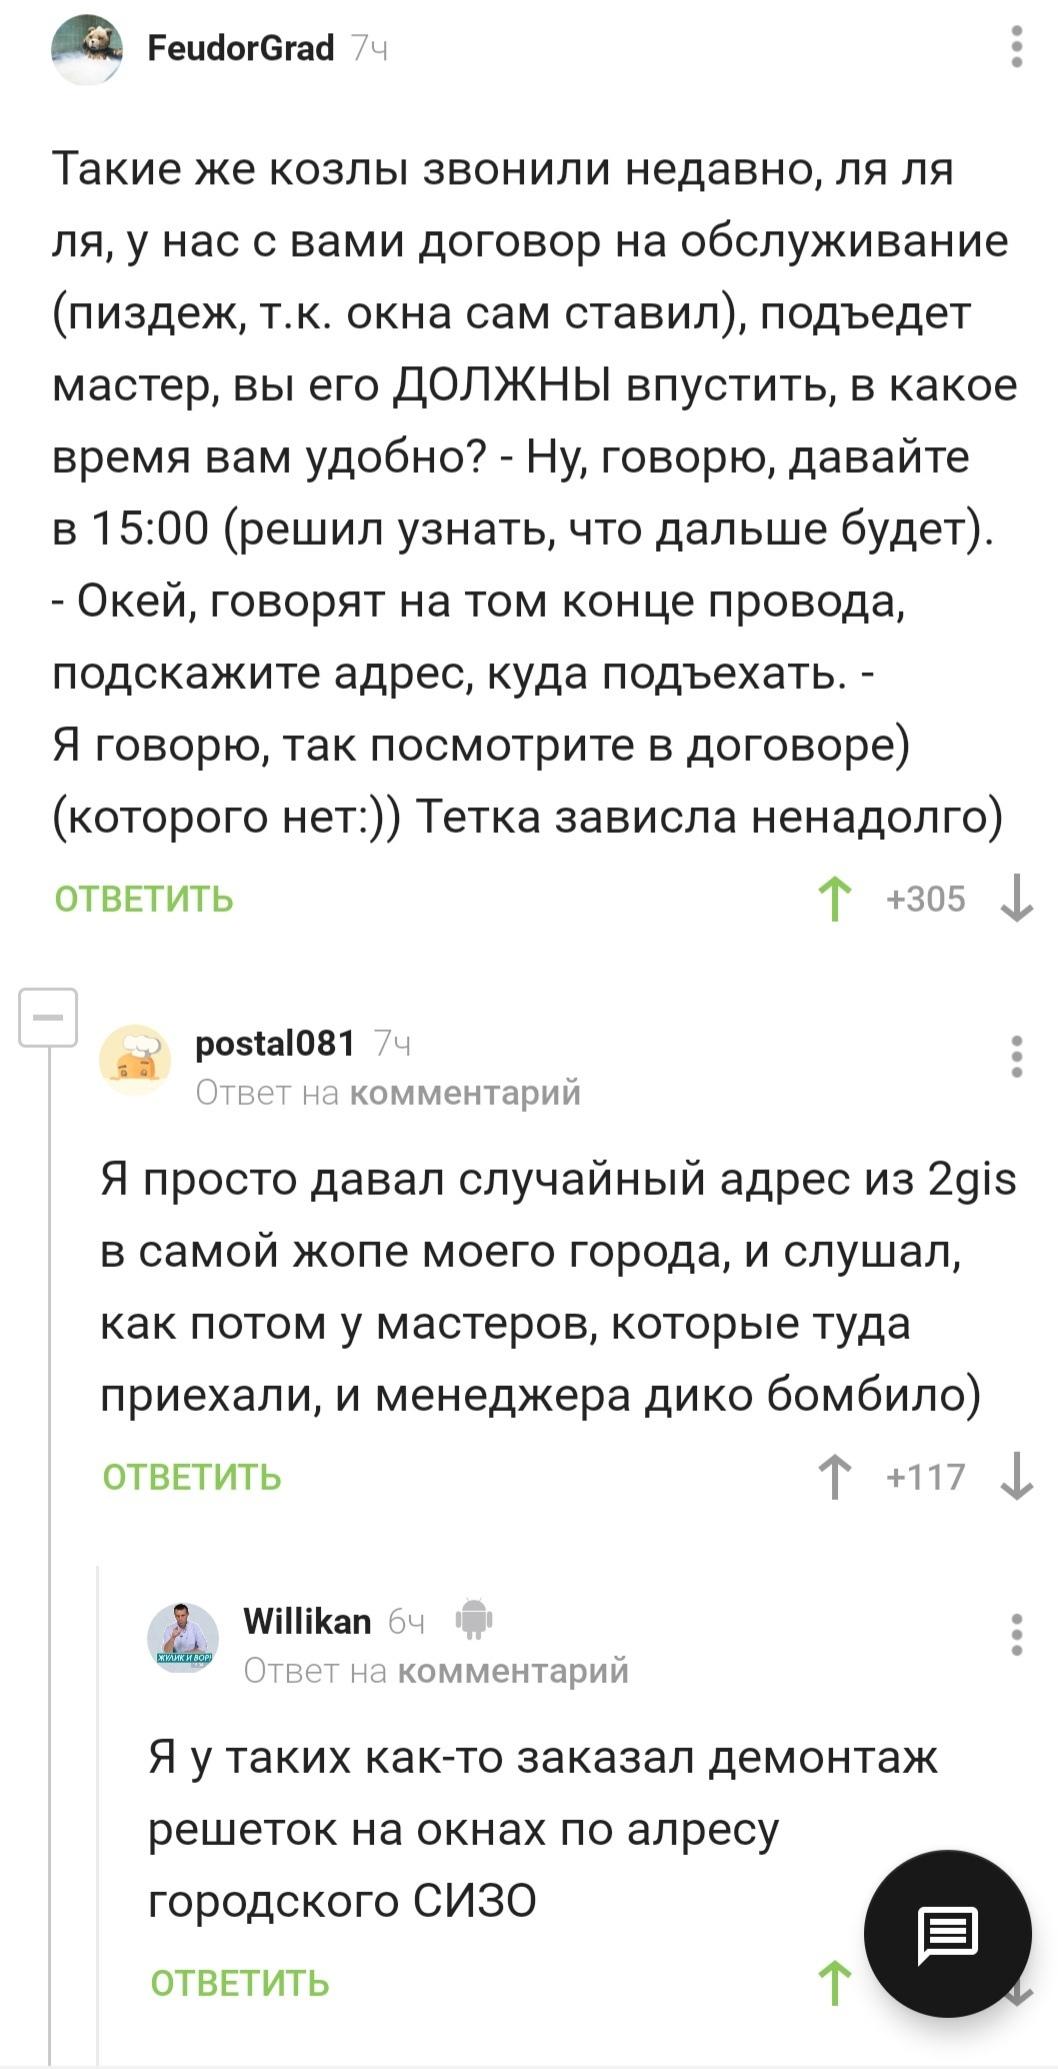 Демонтаж решёток )